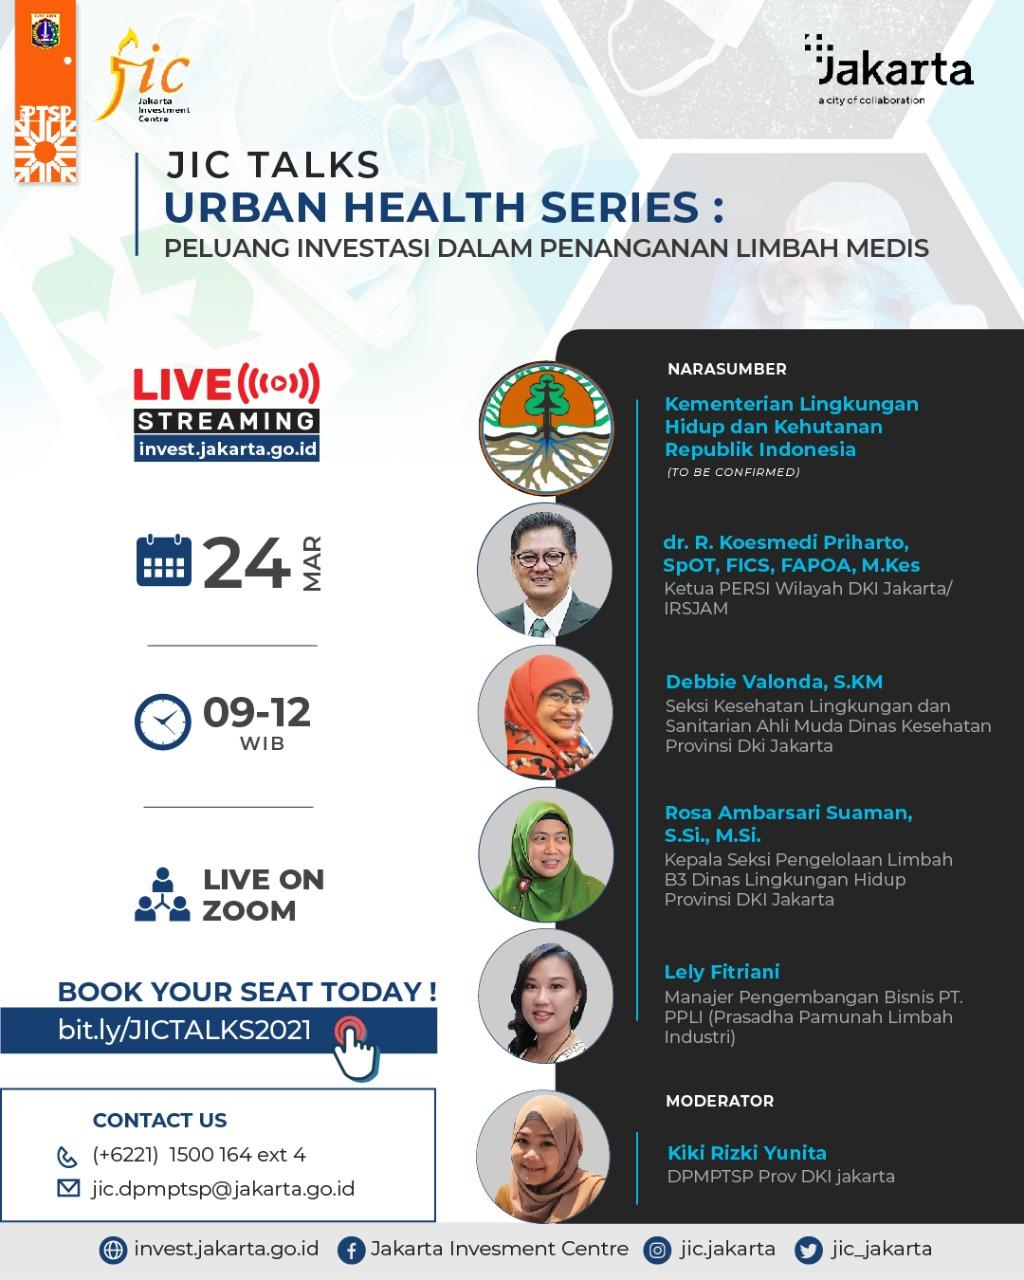 Urban Health Series: Peluang Investasi Dalam Penanganan Limbah Medis